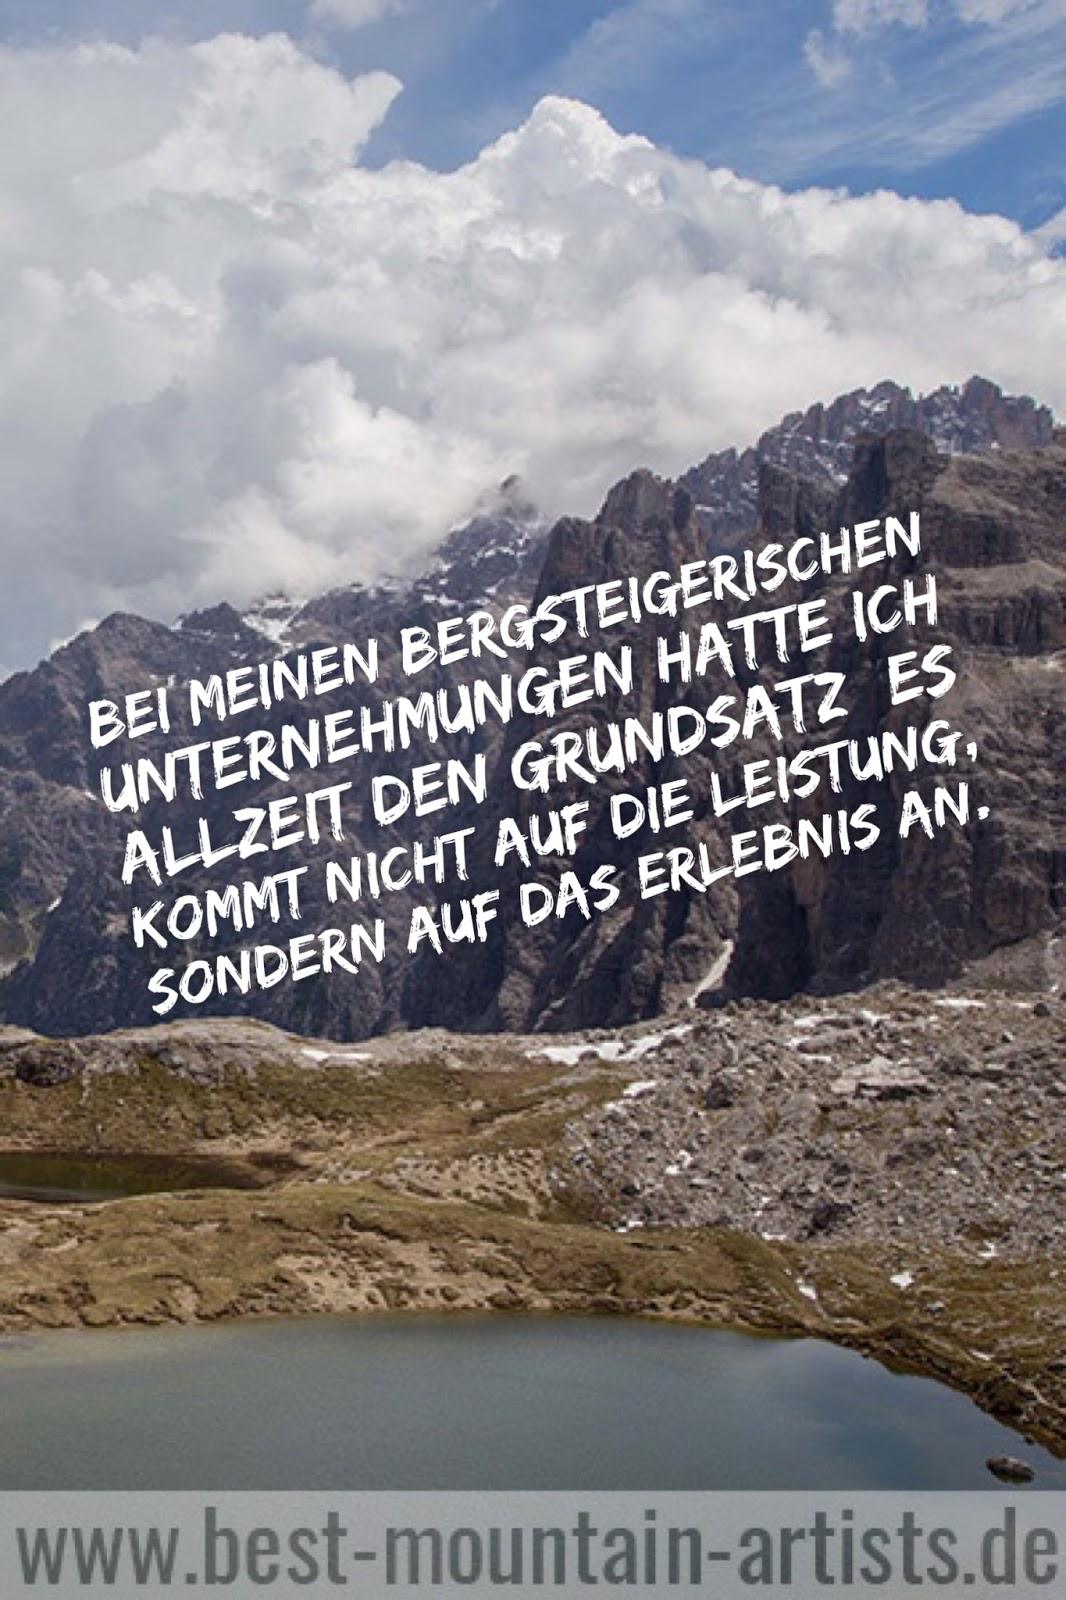 """wander-zitate """"Bei meinen bergsteigerischen Unternehmungen hatte ich allzeit den Grundsatz: es kommt nicht auf die Leistung, sondern auf das Erlebnis an."""", Anderl Heckmair"""